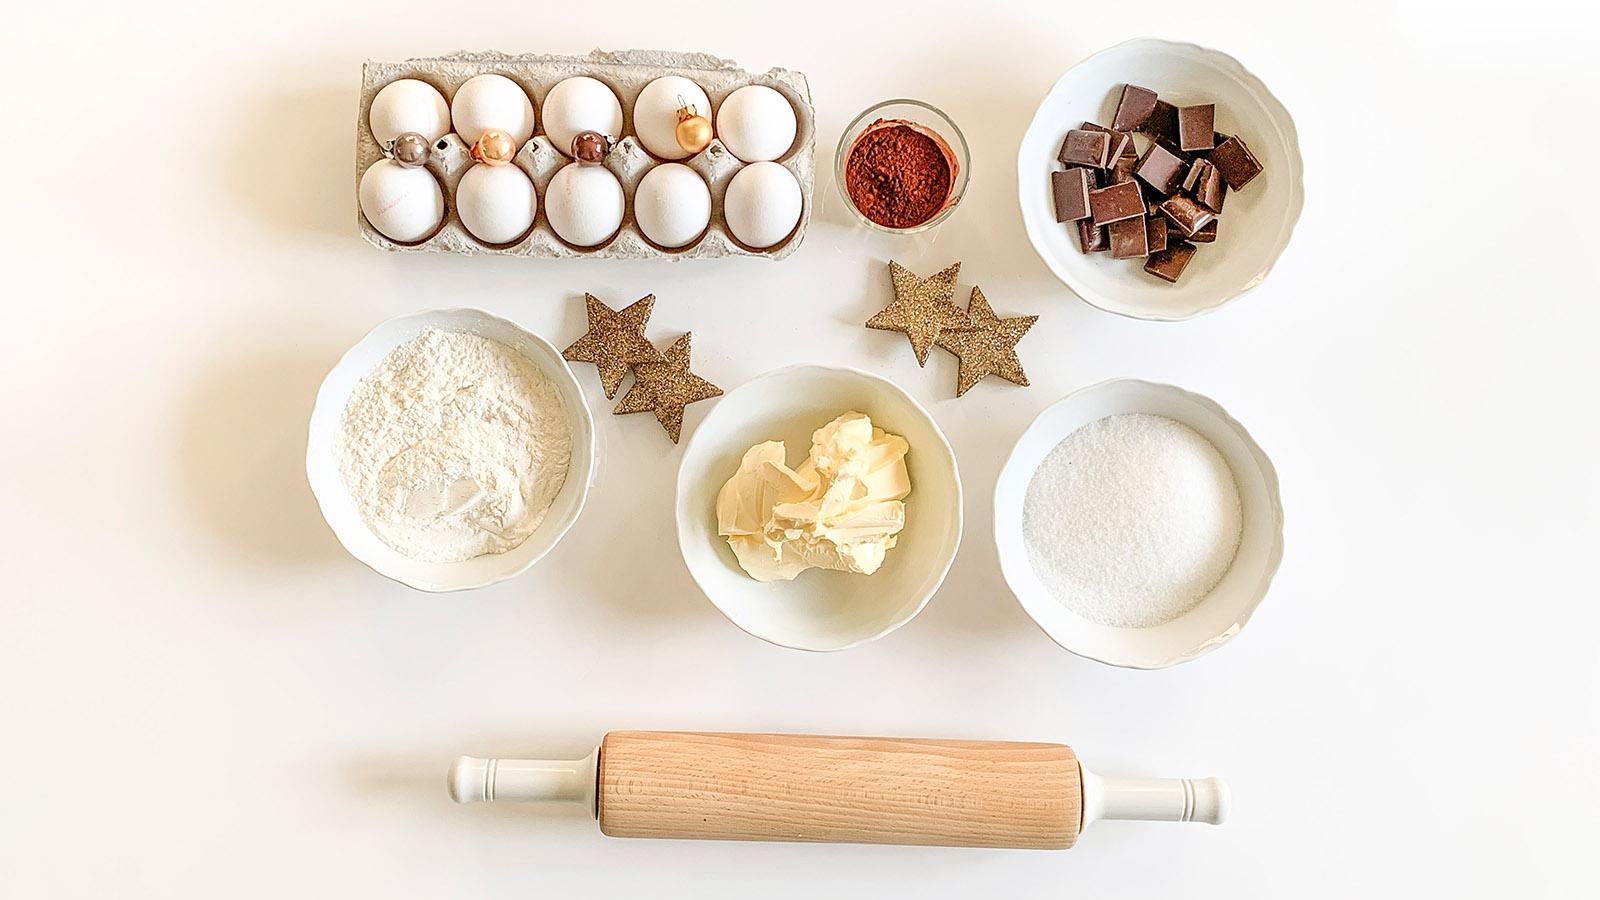 Die Zutaten für die bûche de Noël. Foto: Hilke Maunder